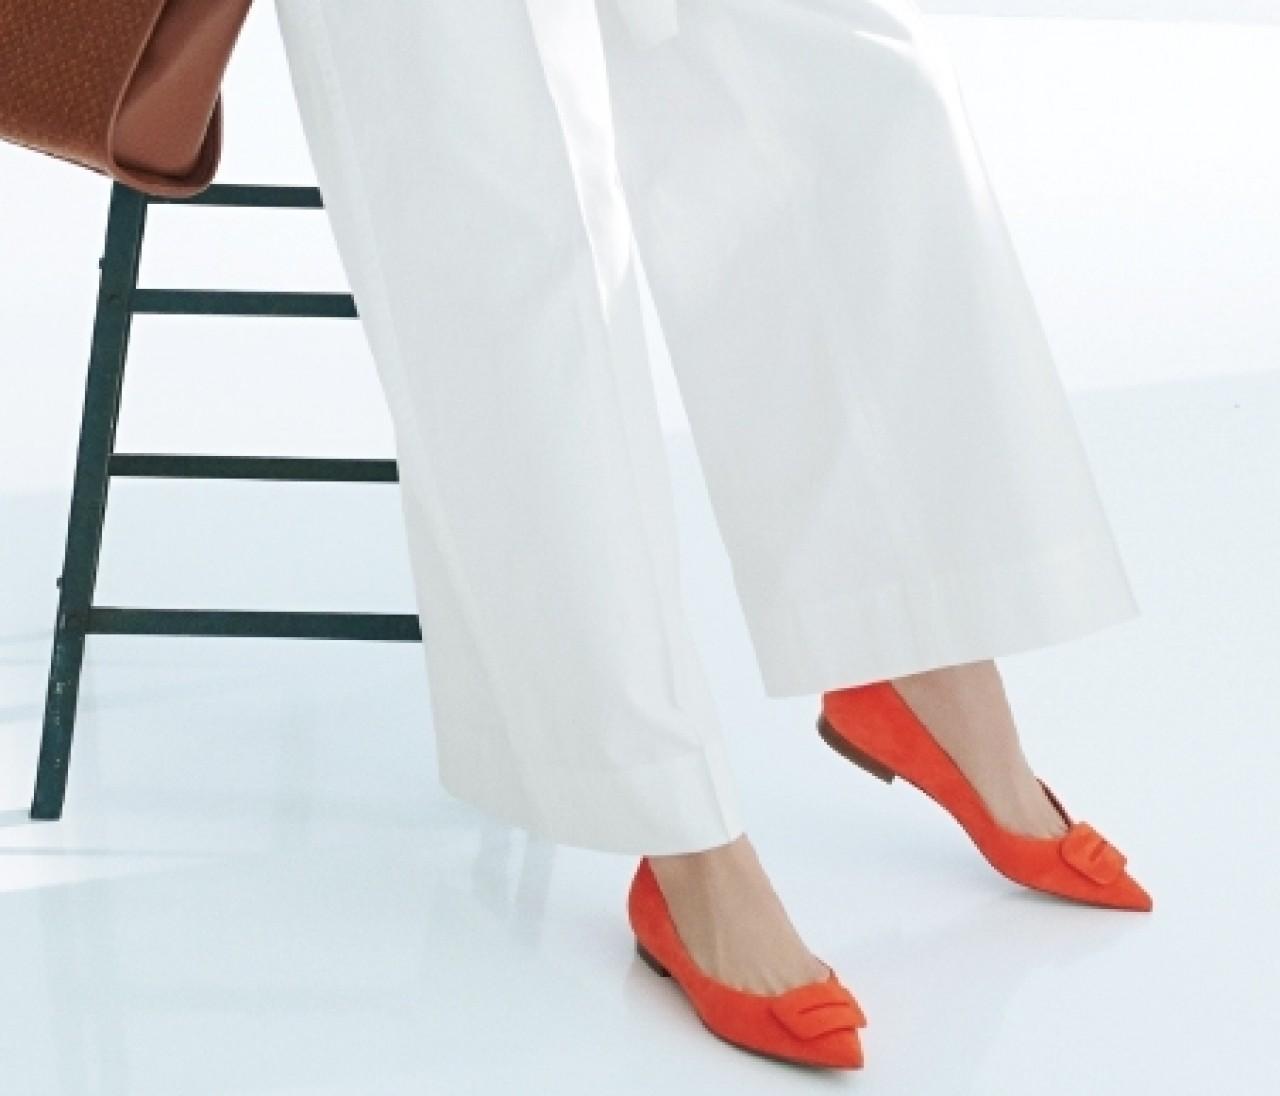 【働く女子の春フラット靴】バックルつきの細身シルエットでスタイリッシュに